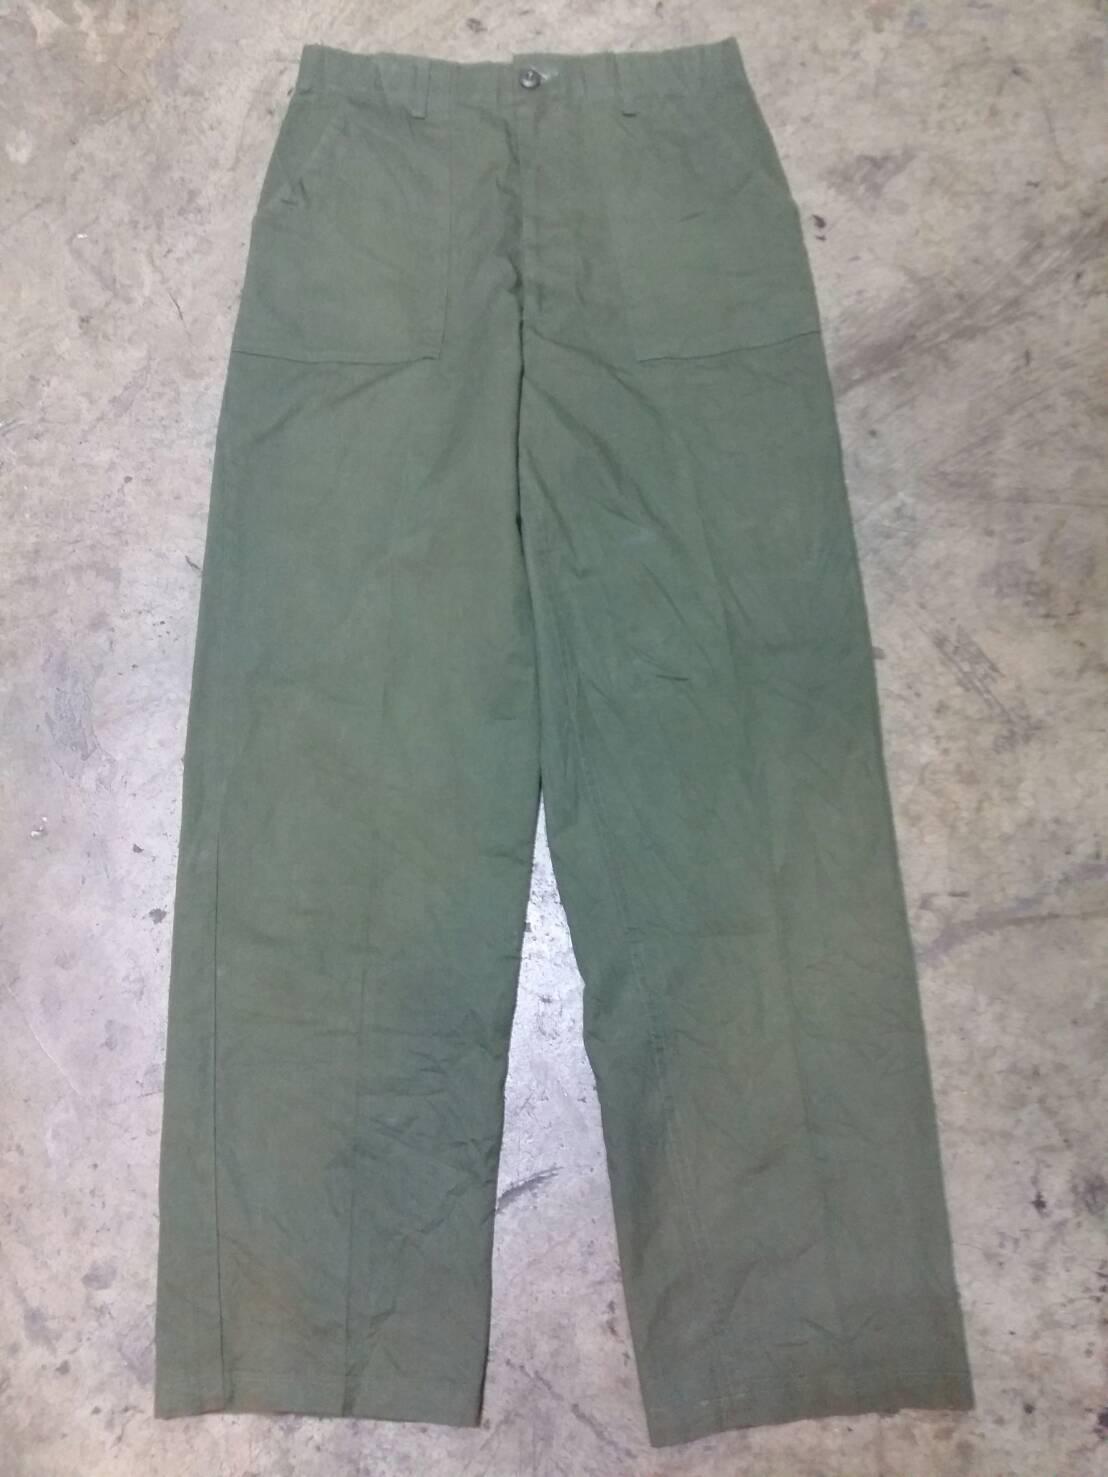 2.กางเกง OG-507